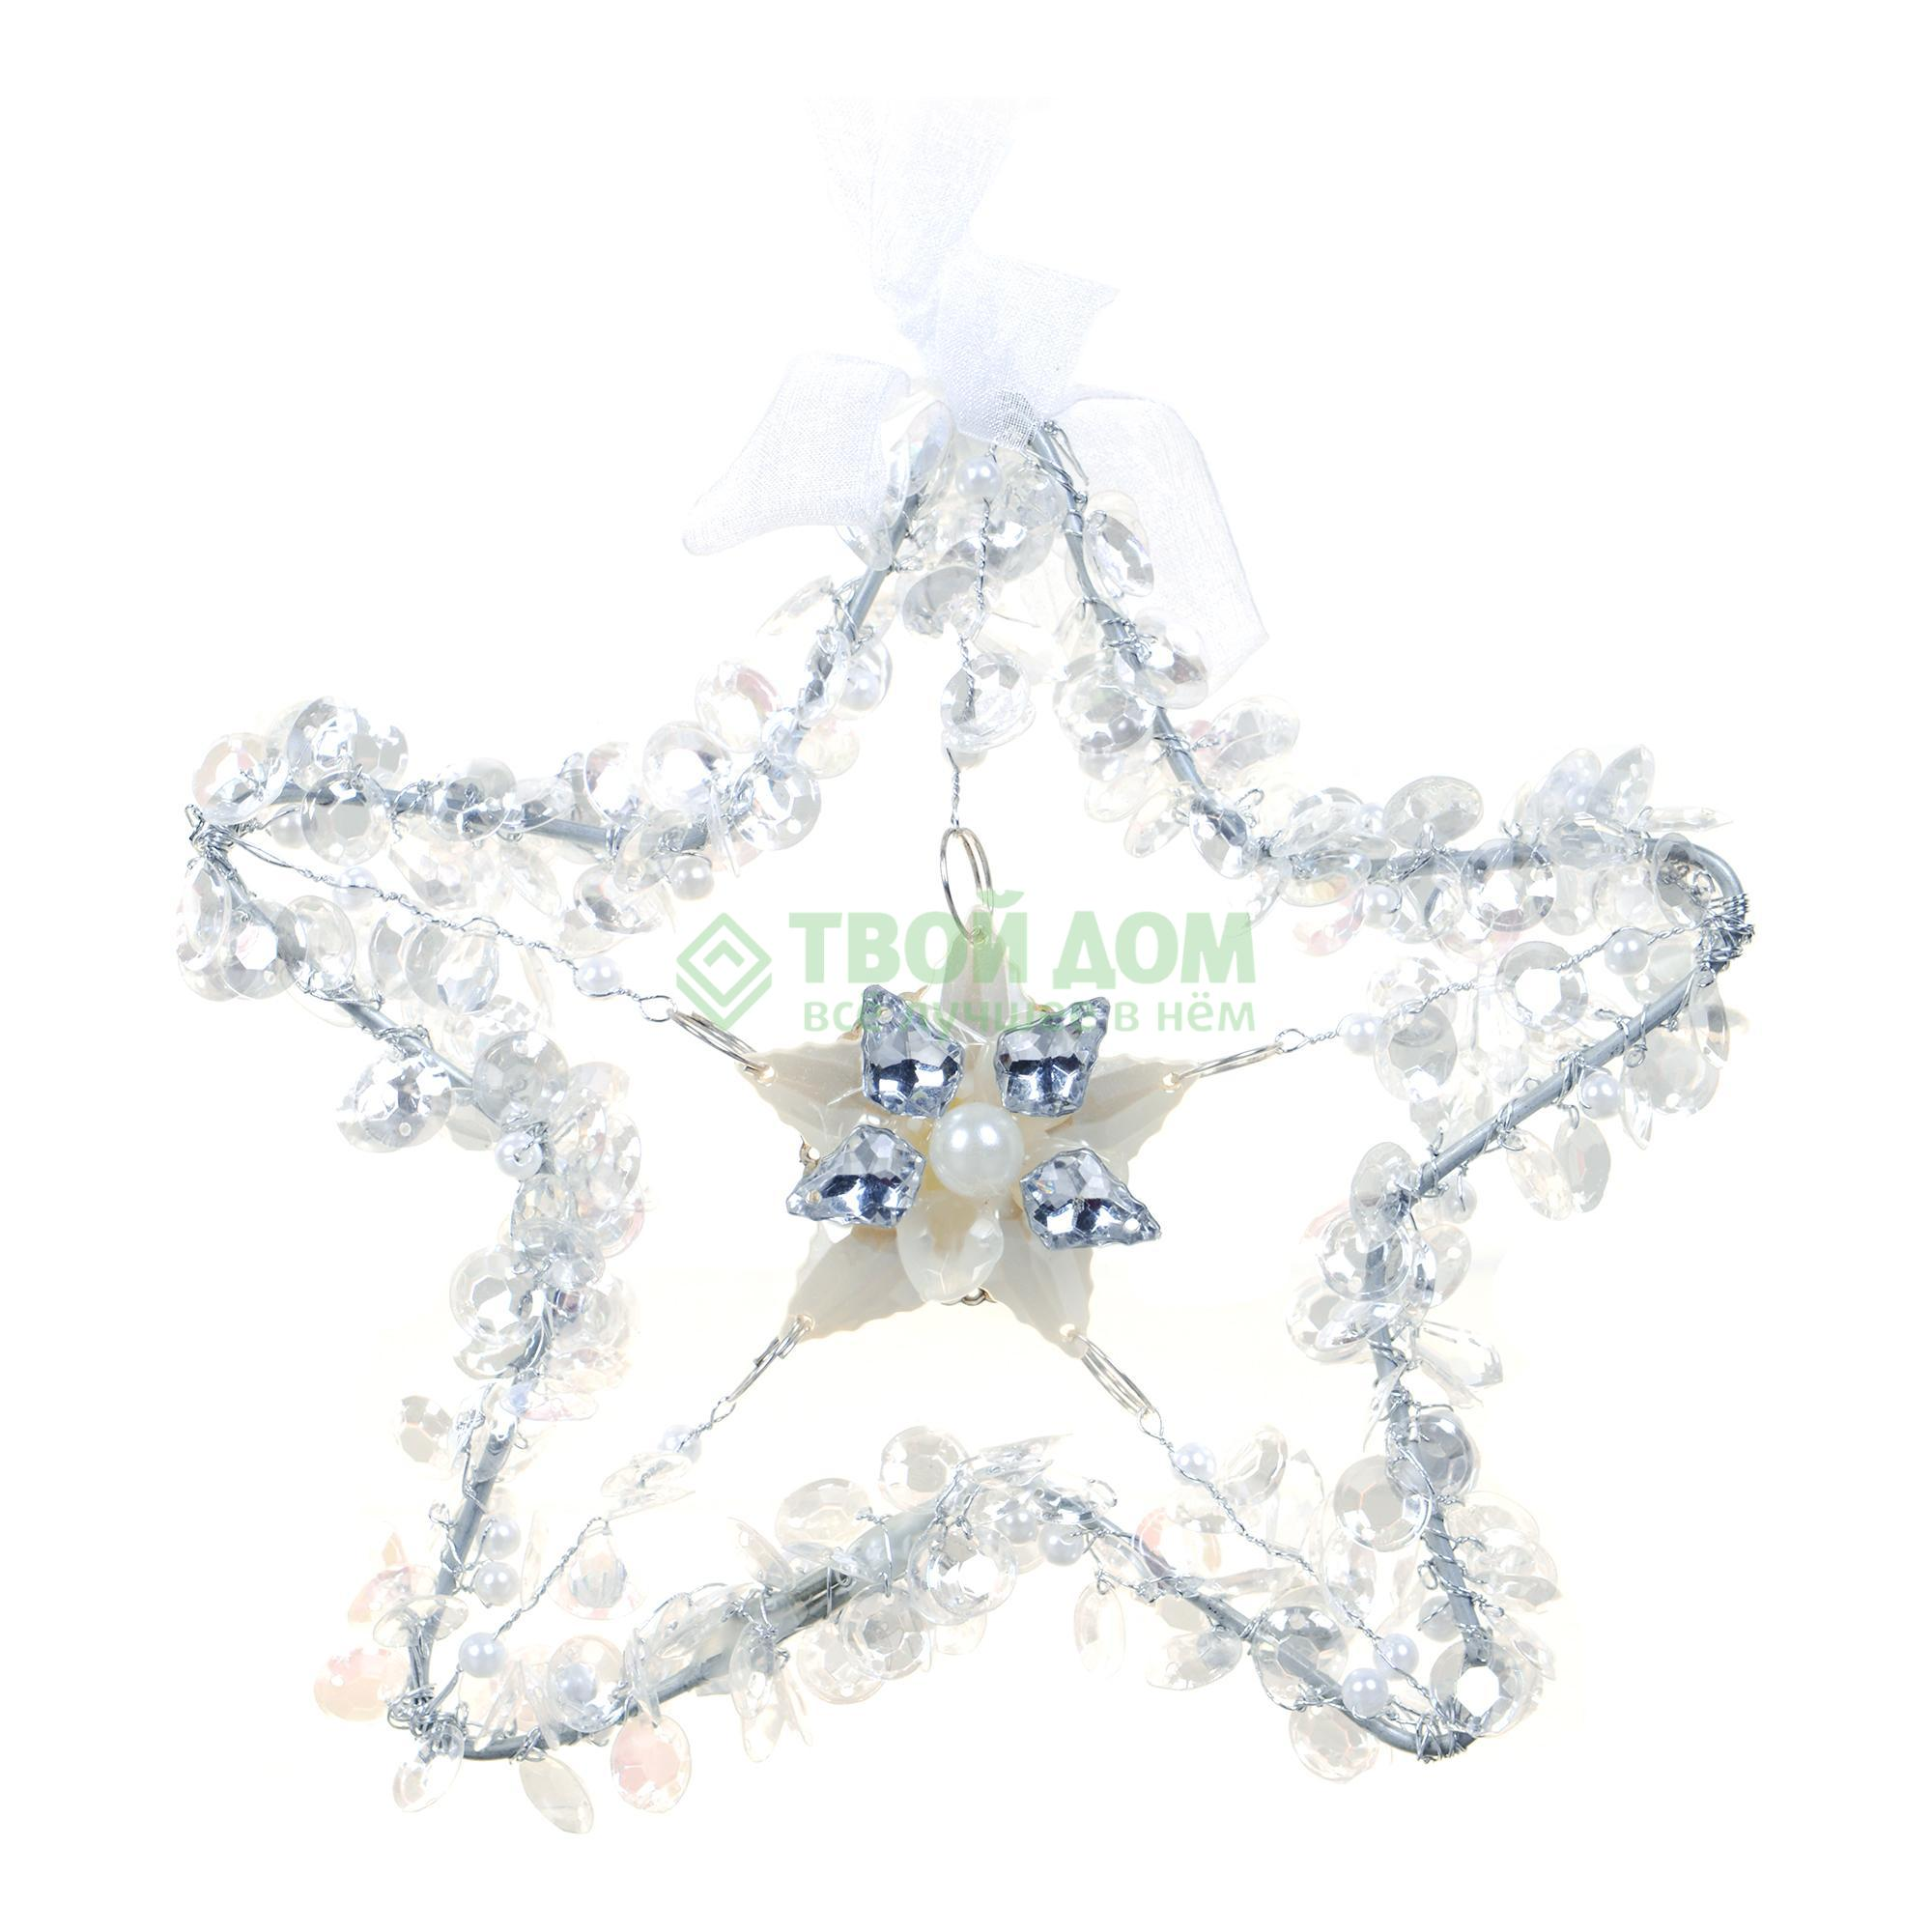 Игрушка Декоративная Звезда 14 см серебристая KaemingK 577263